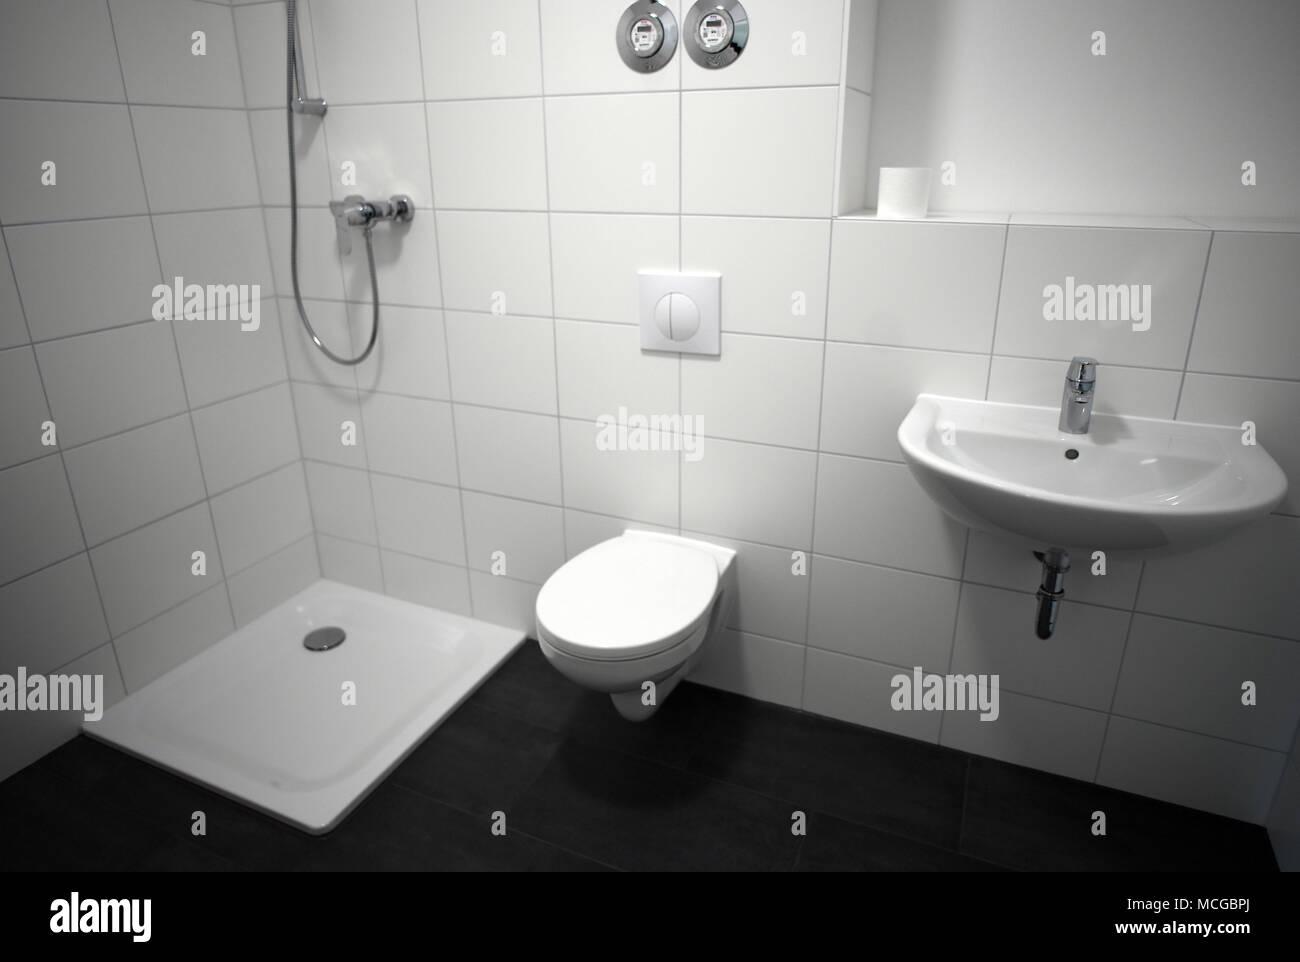 16 April 2018, Deutschland, Berlin: Das Badezimmer eines so ...